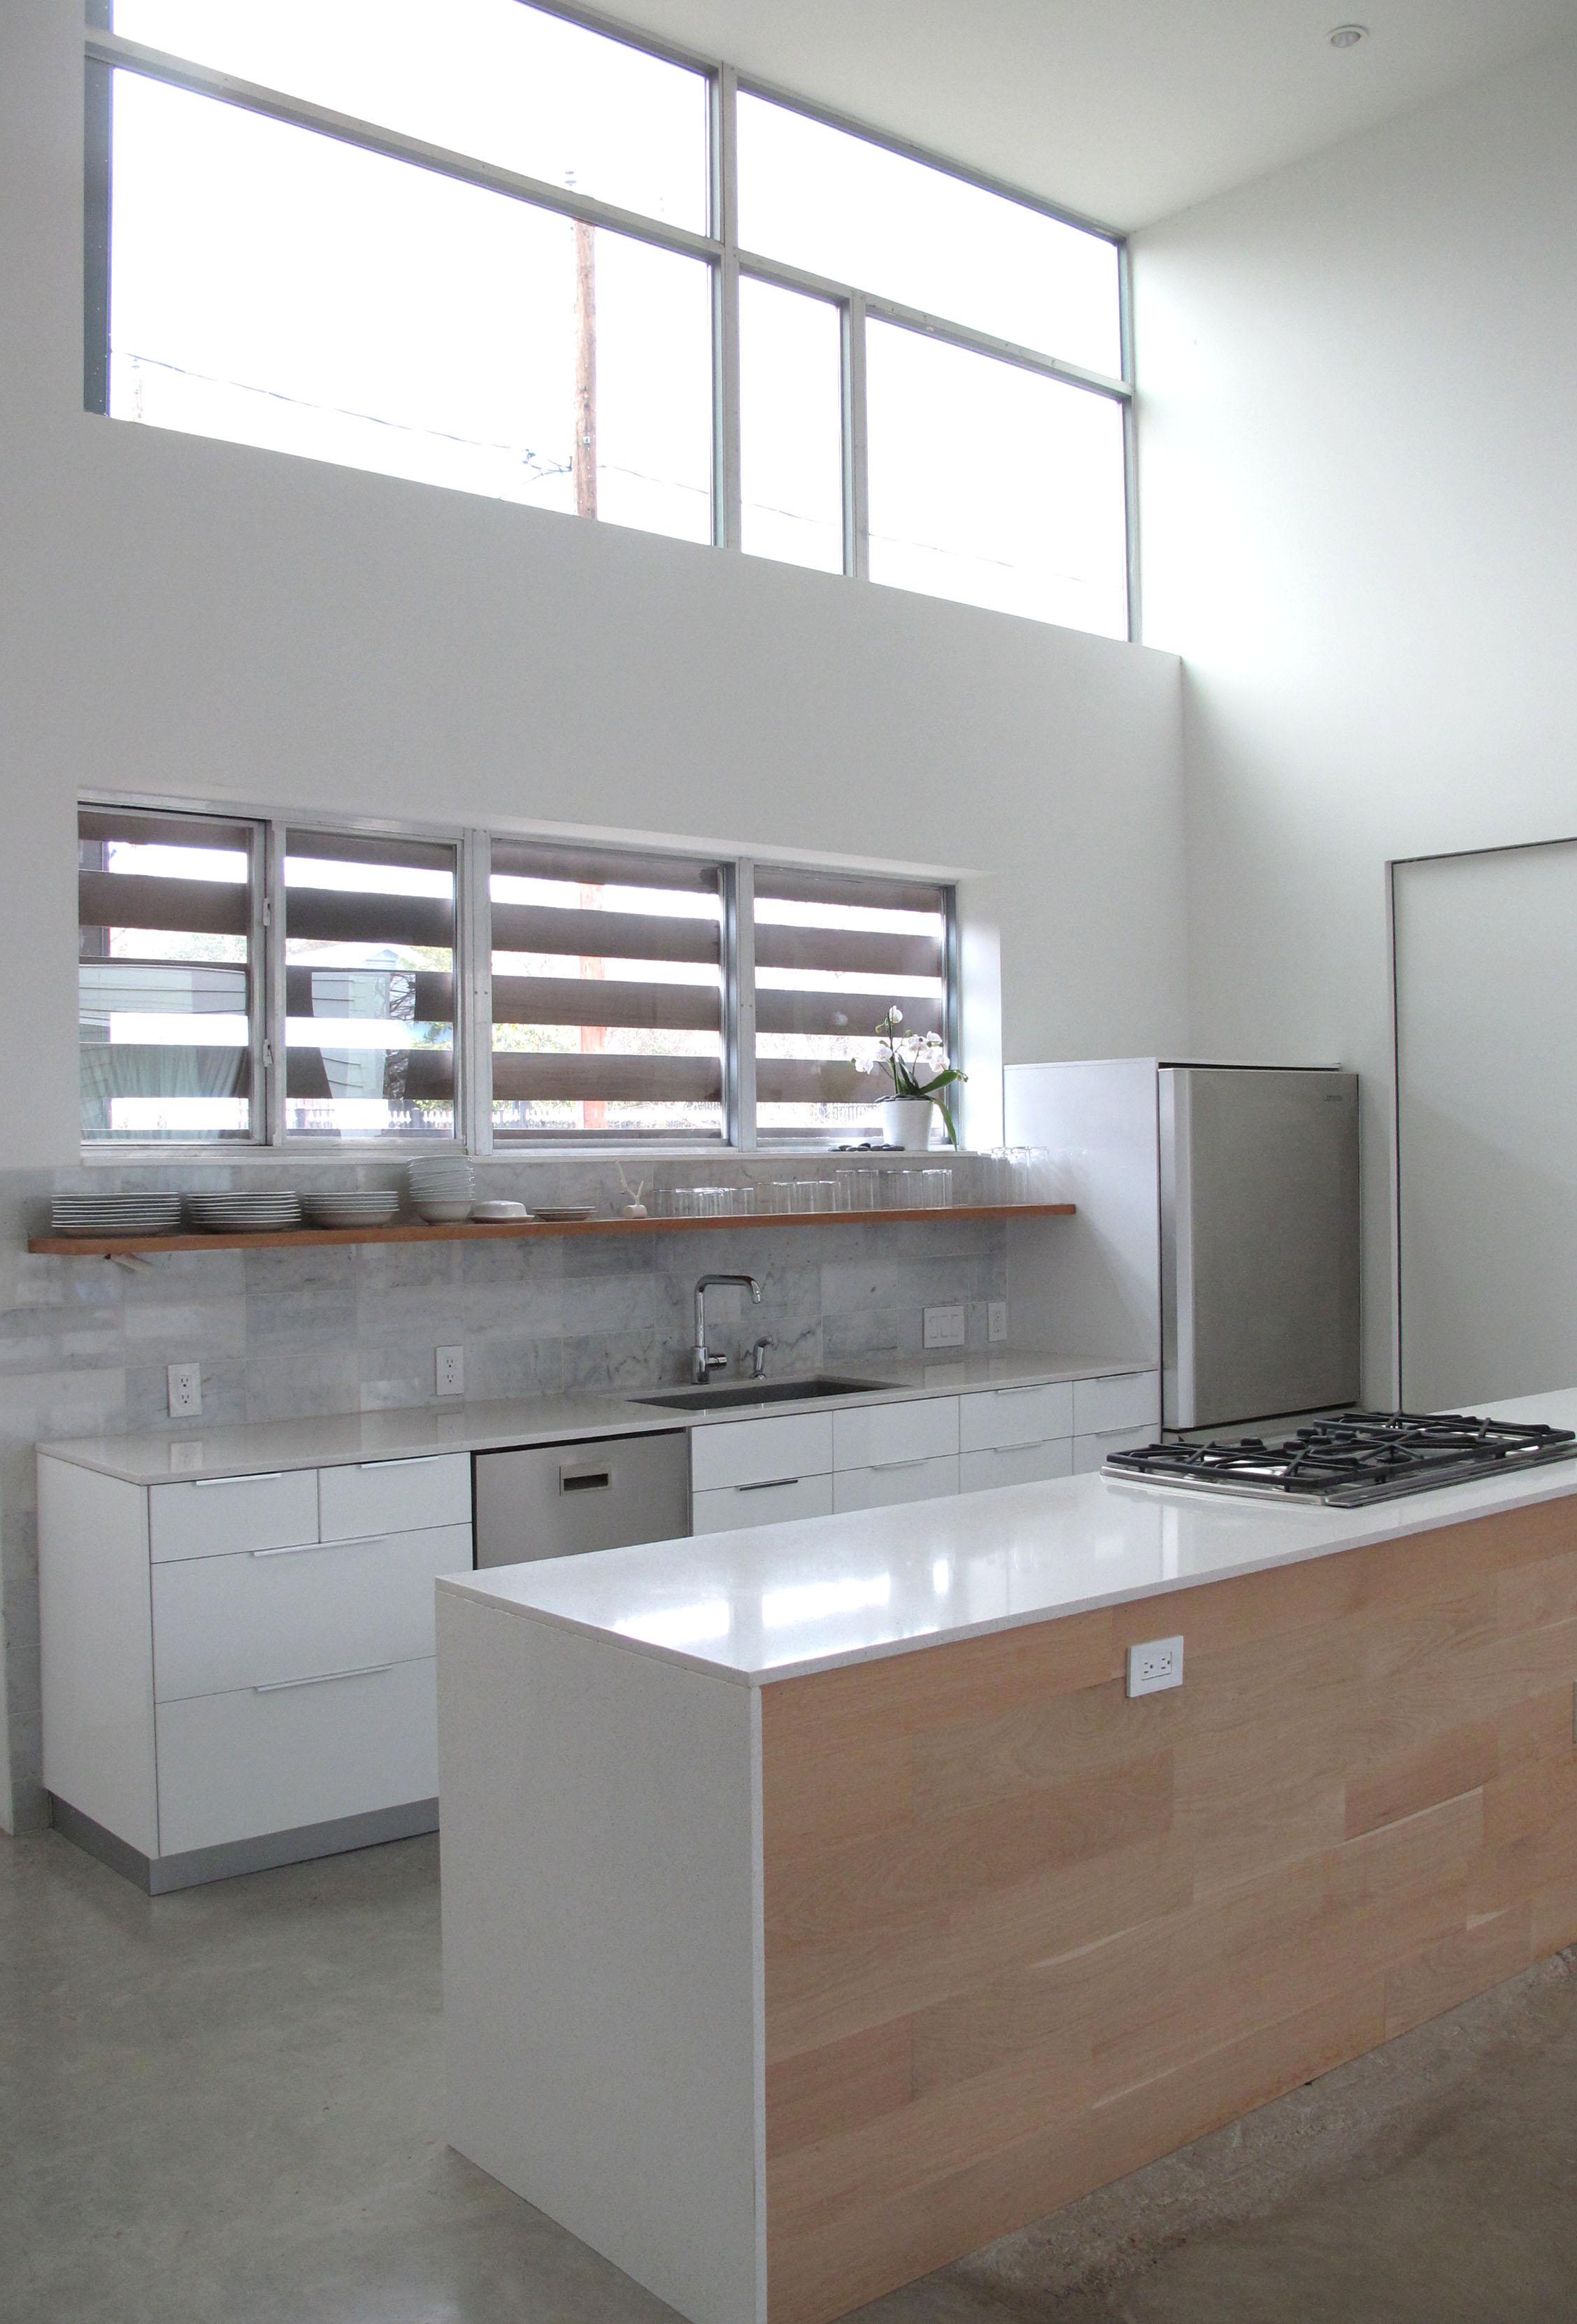 2309-kitchen copy.jpg